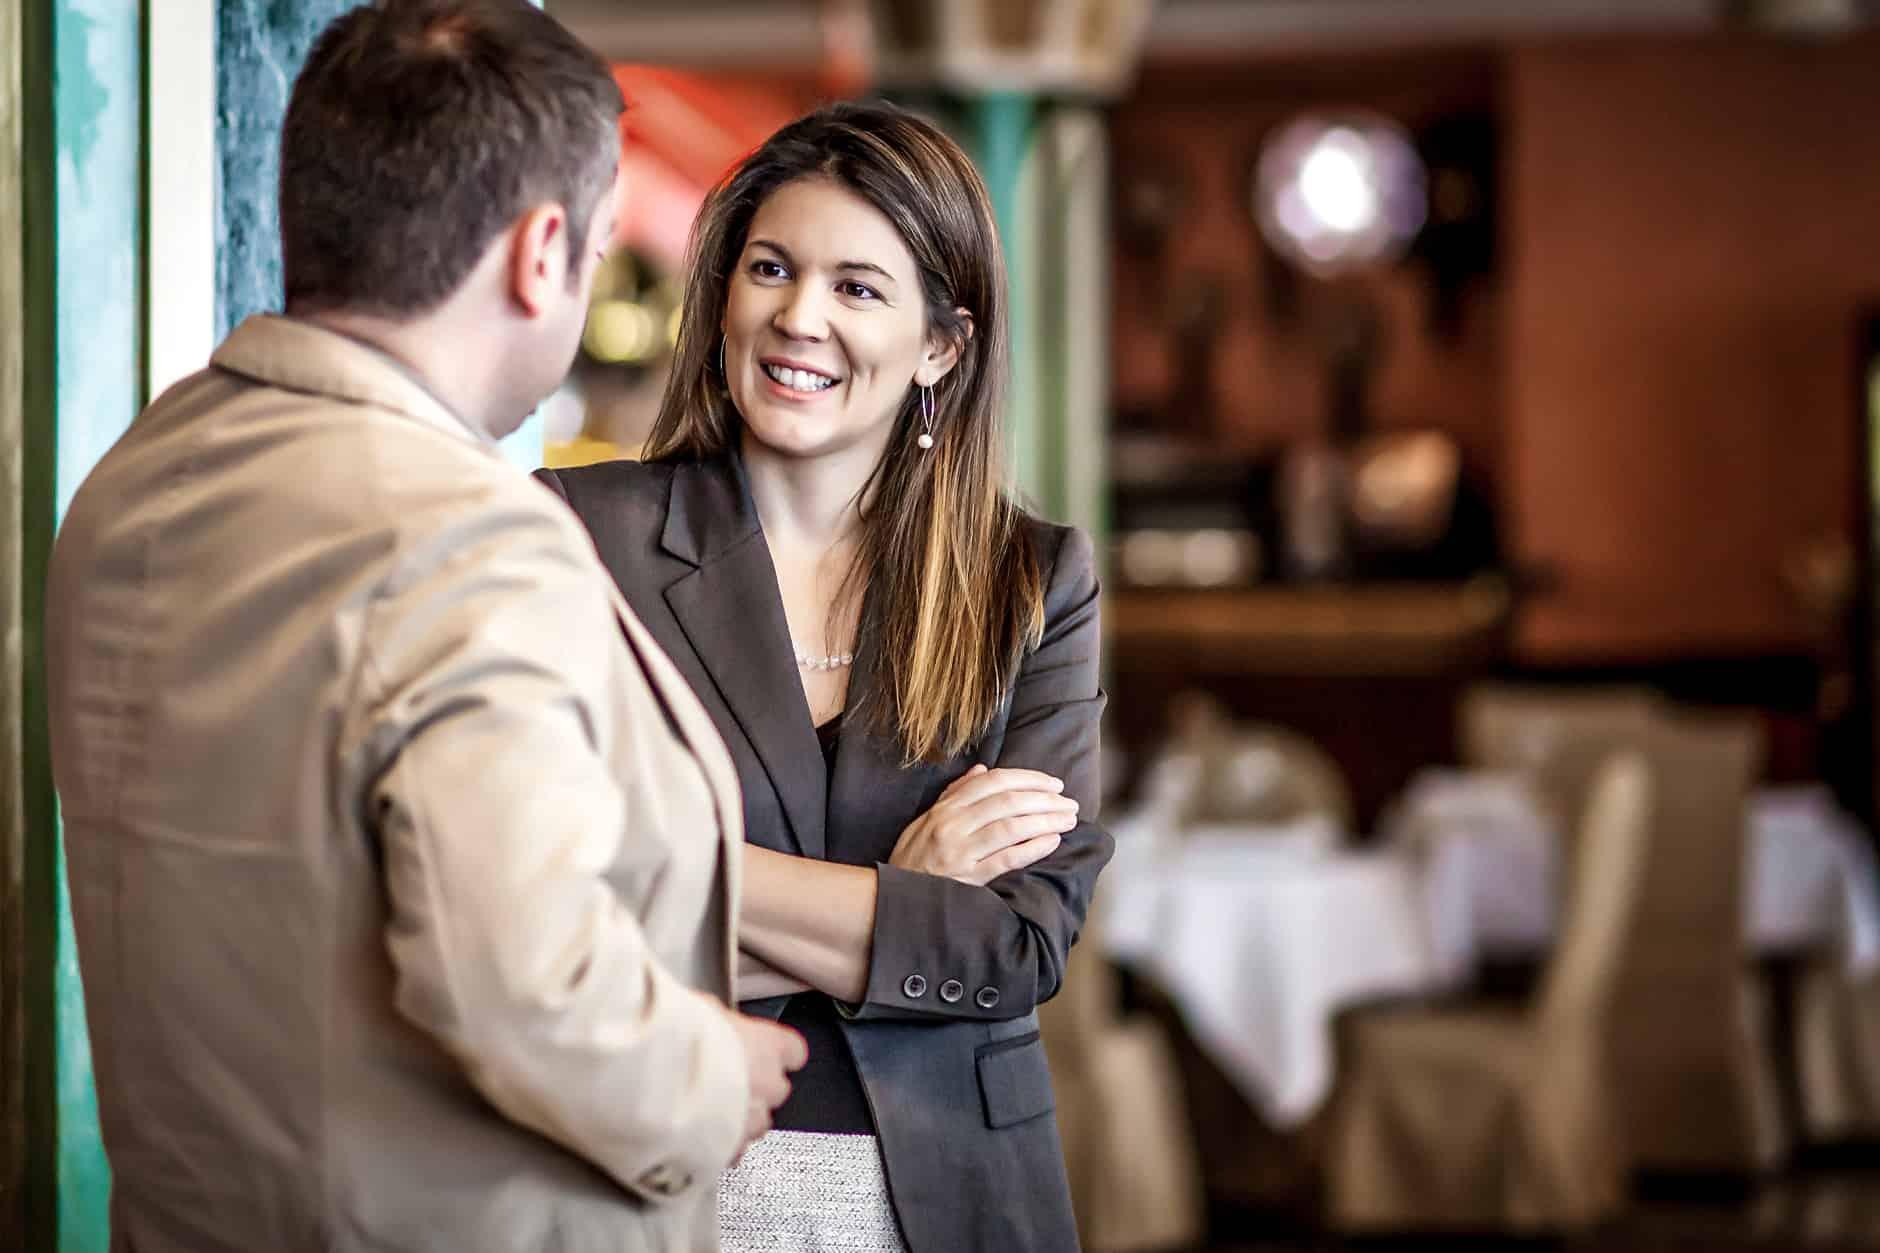 dois jovens, uma mulher e um homem, trocam conhecimentos em ambiente de networking profissional